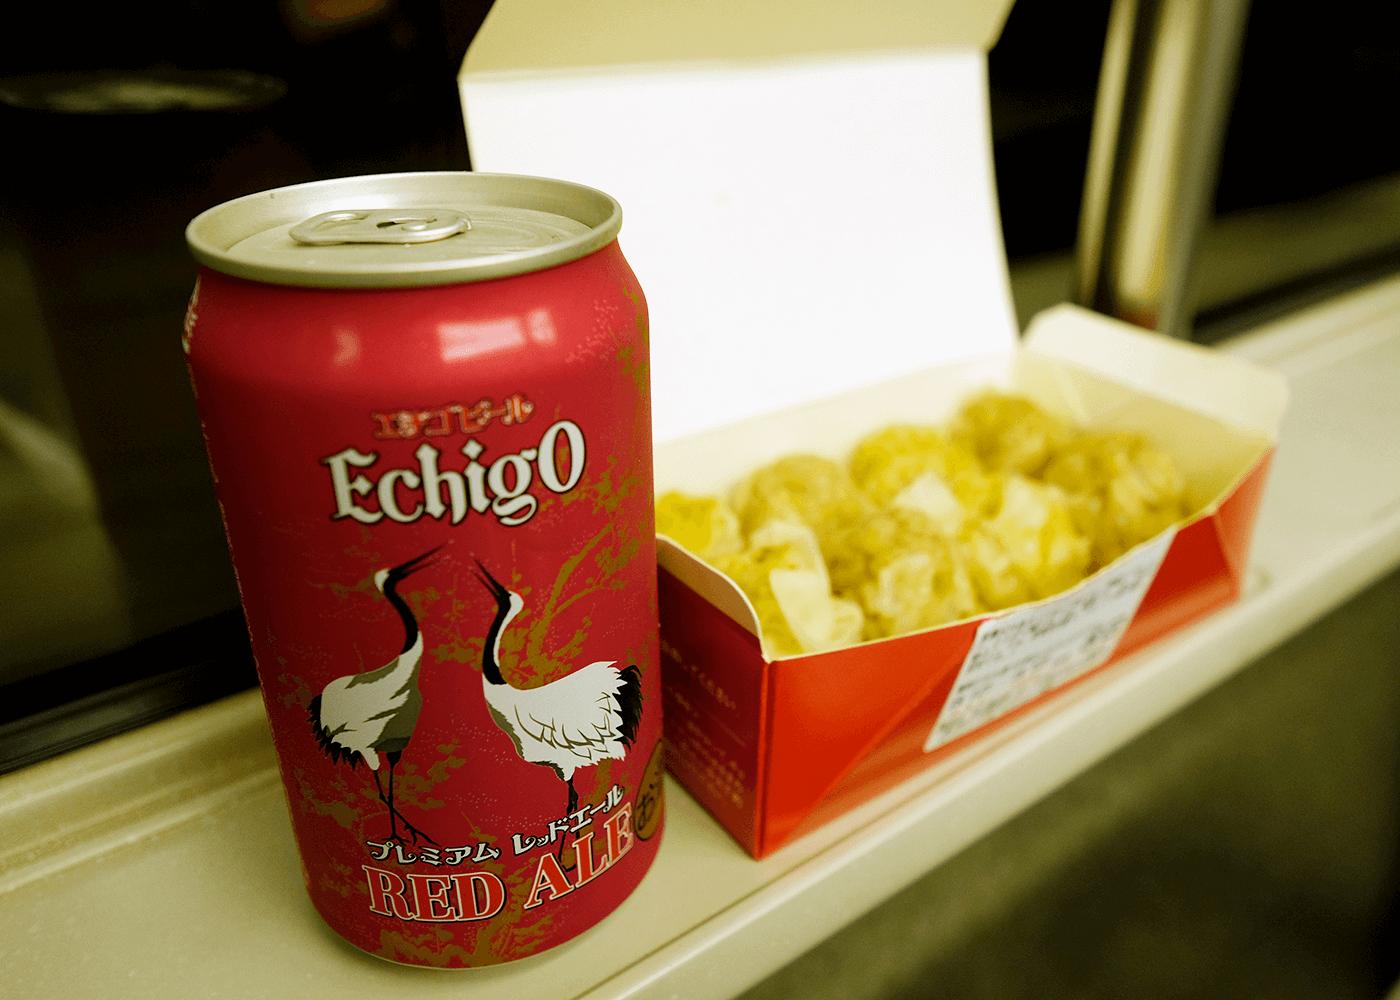 マイクロブルワリー を訪ねて(4)新幹線の中でクラフトビール